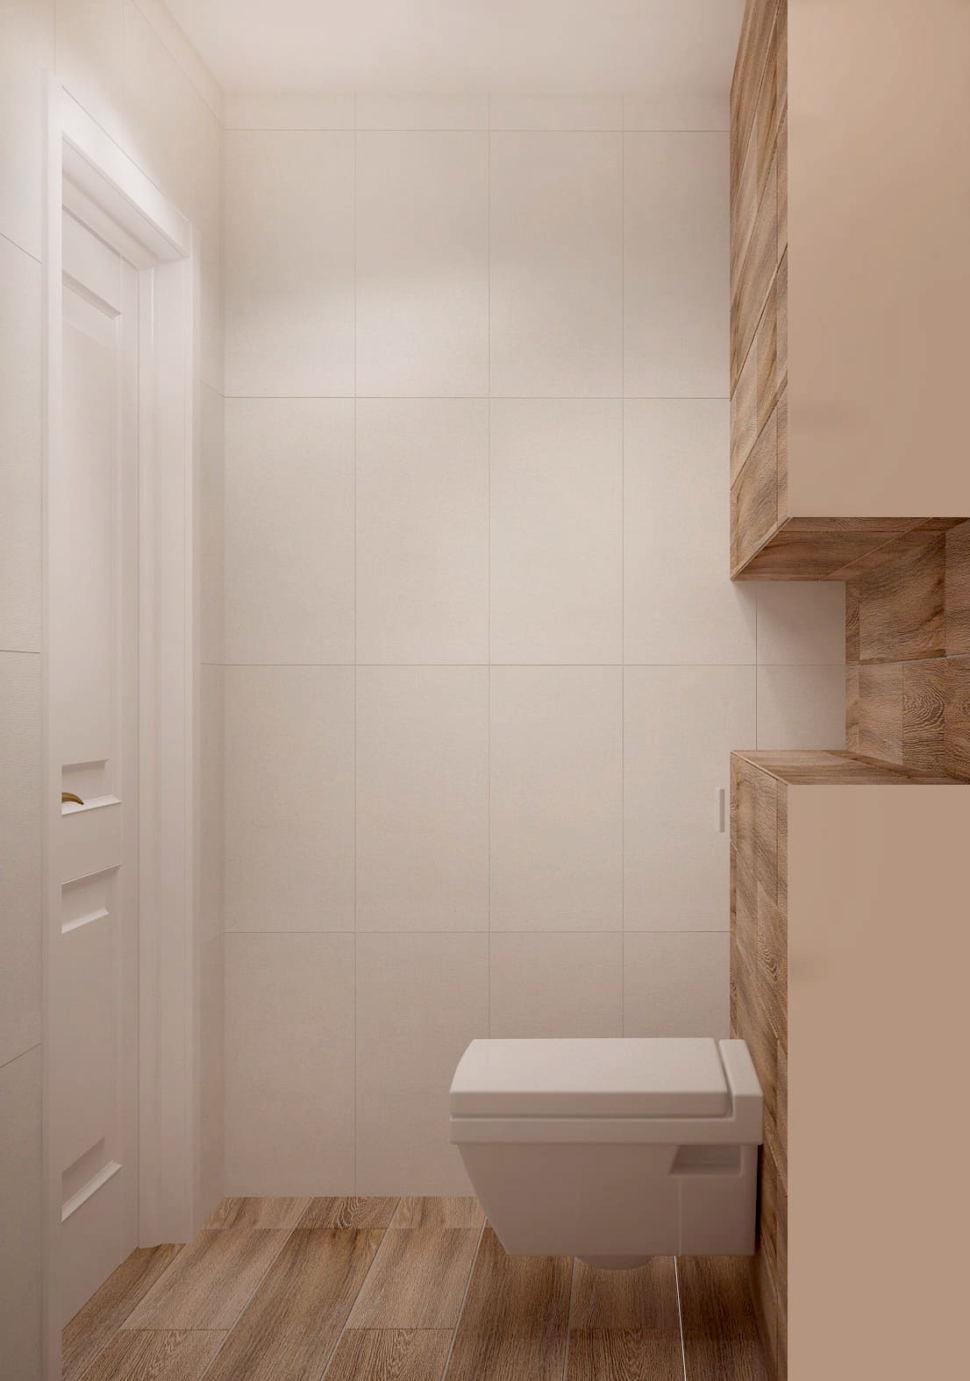 Визуализация санузла 2 кв.м в древесных и белых оттенках, туалет, плитка, светильник